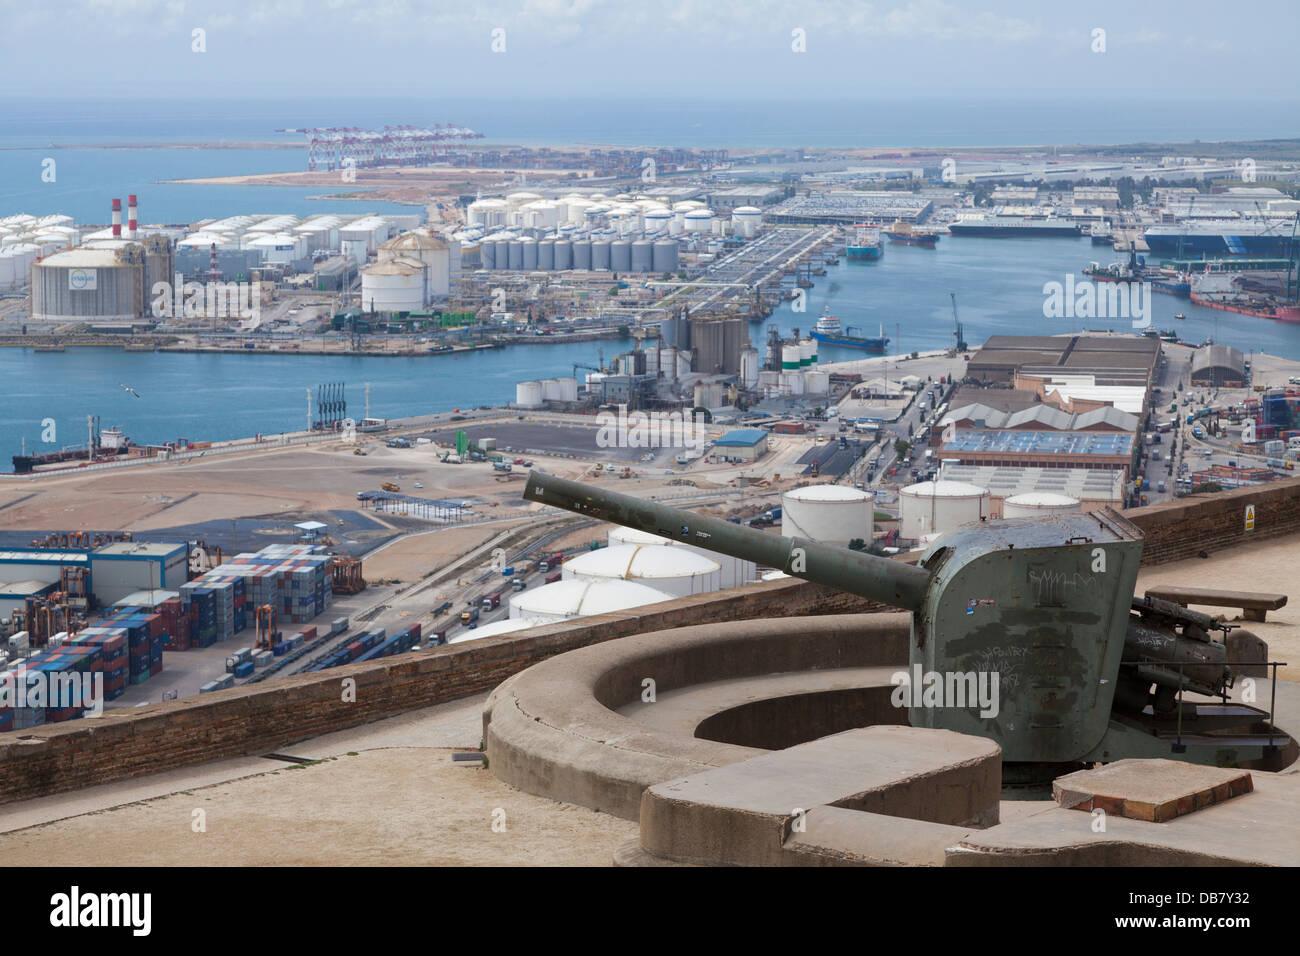 Pezzo d'artiglieria sul Castello di Montjuic affacciato sul porto di Barcellona Immagini Stock